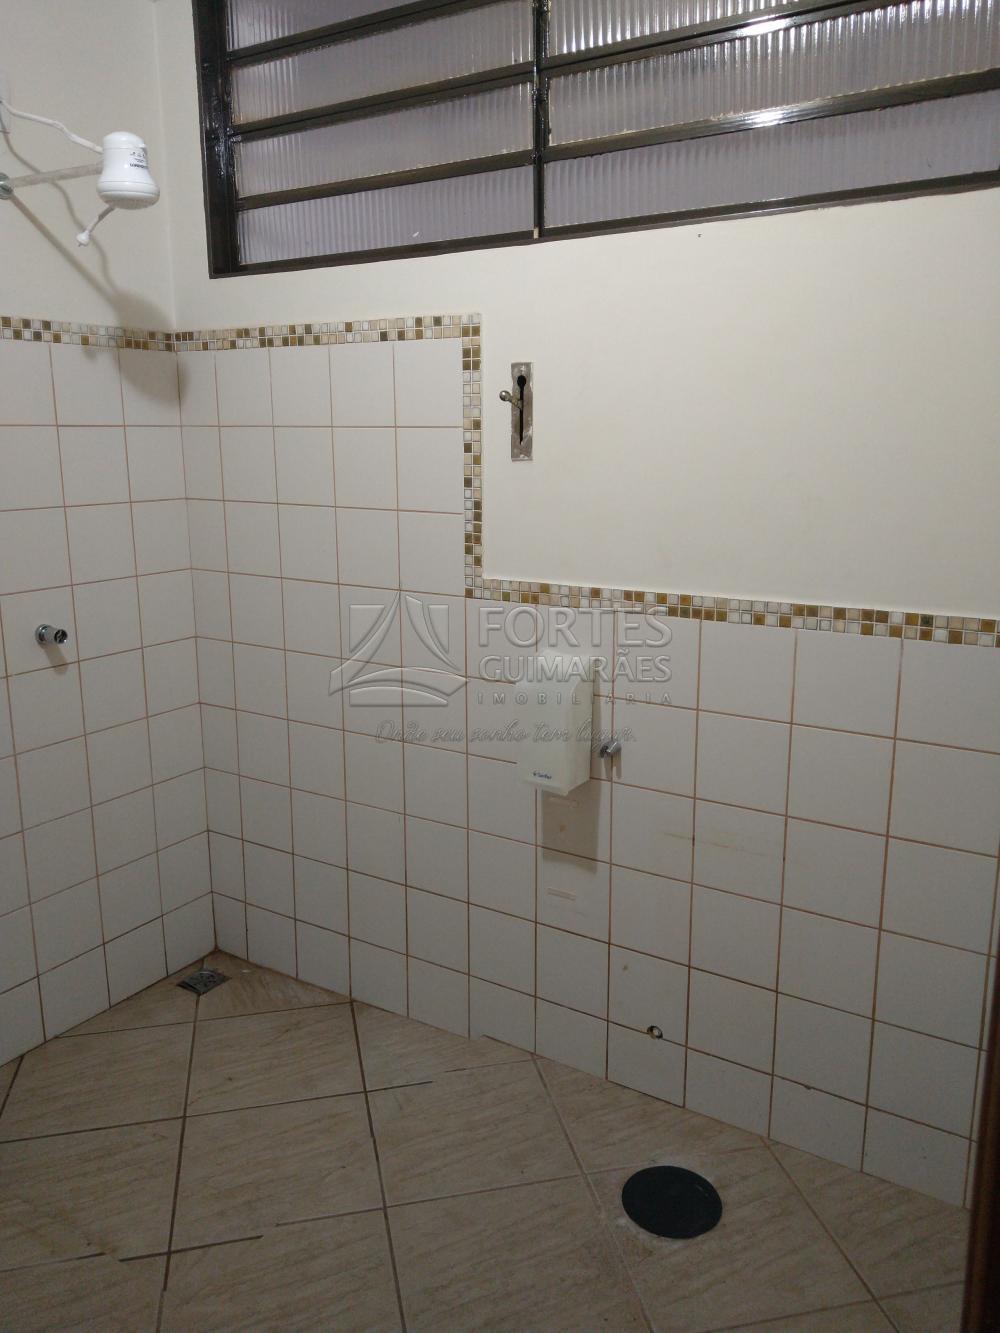 Alugar Comercial / Imóvel Comercial em Ribeirão Preto apenas R$ 12.000,00 - Foto 33